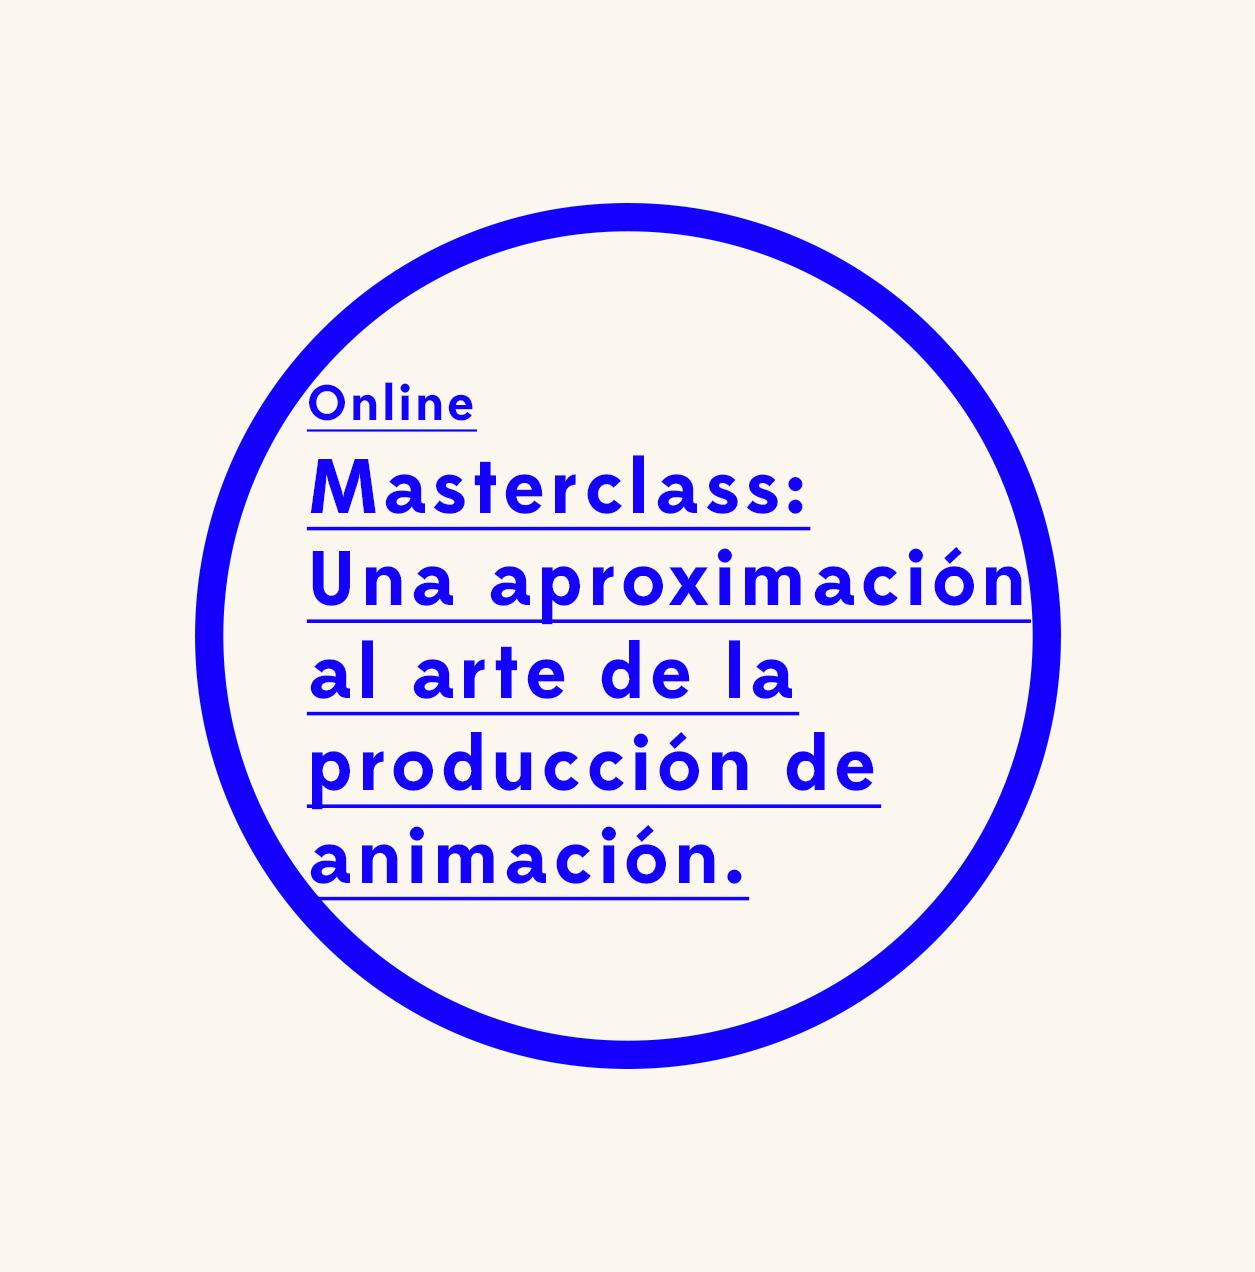 Masterclass online: Una aproximación al Arte de la Producción de Animación